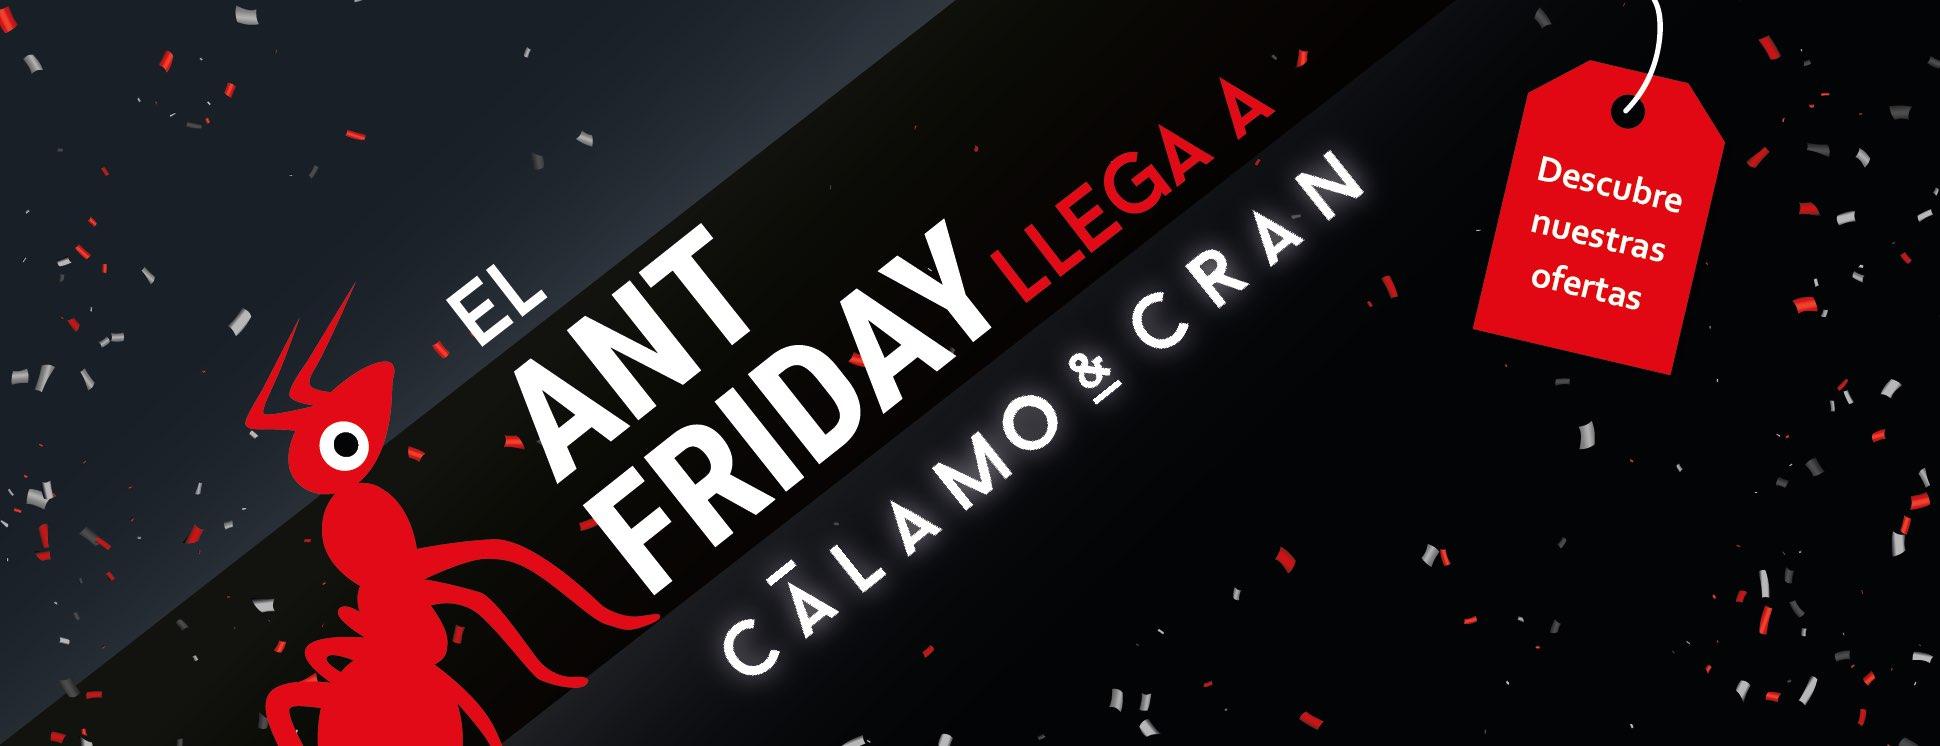 Ant Friday 2019 Cálamo y Cran profesionales del lenguaje